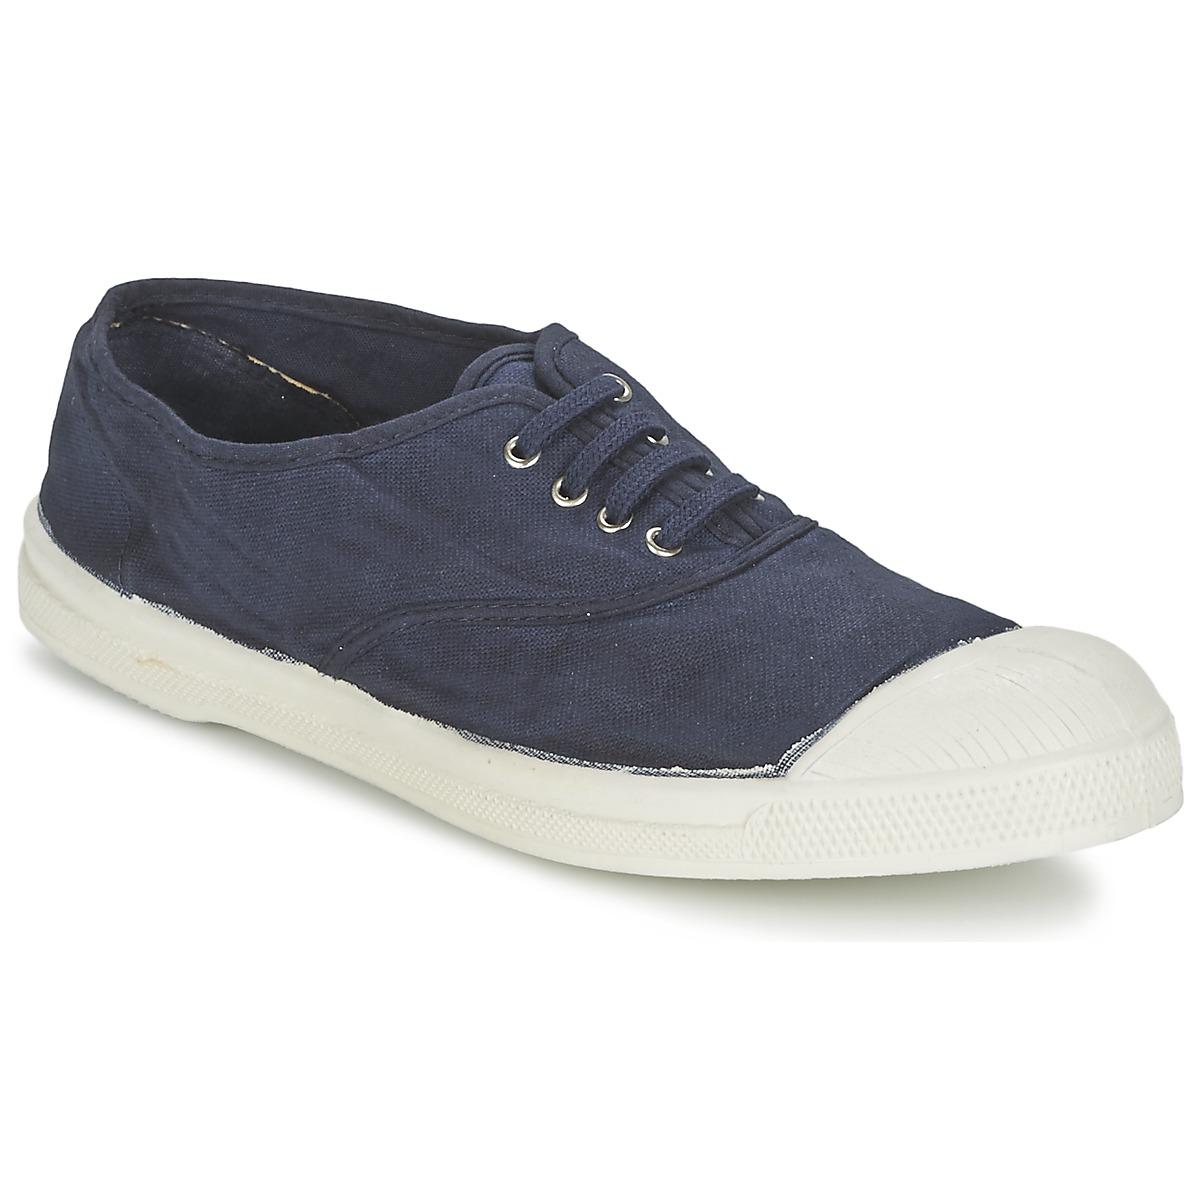 zapatos skechers santa cruz bolivia hym usa